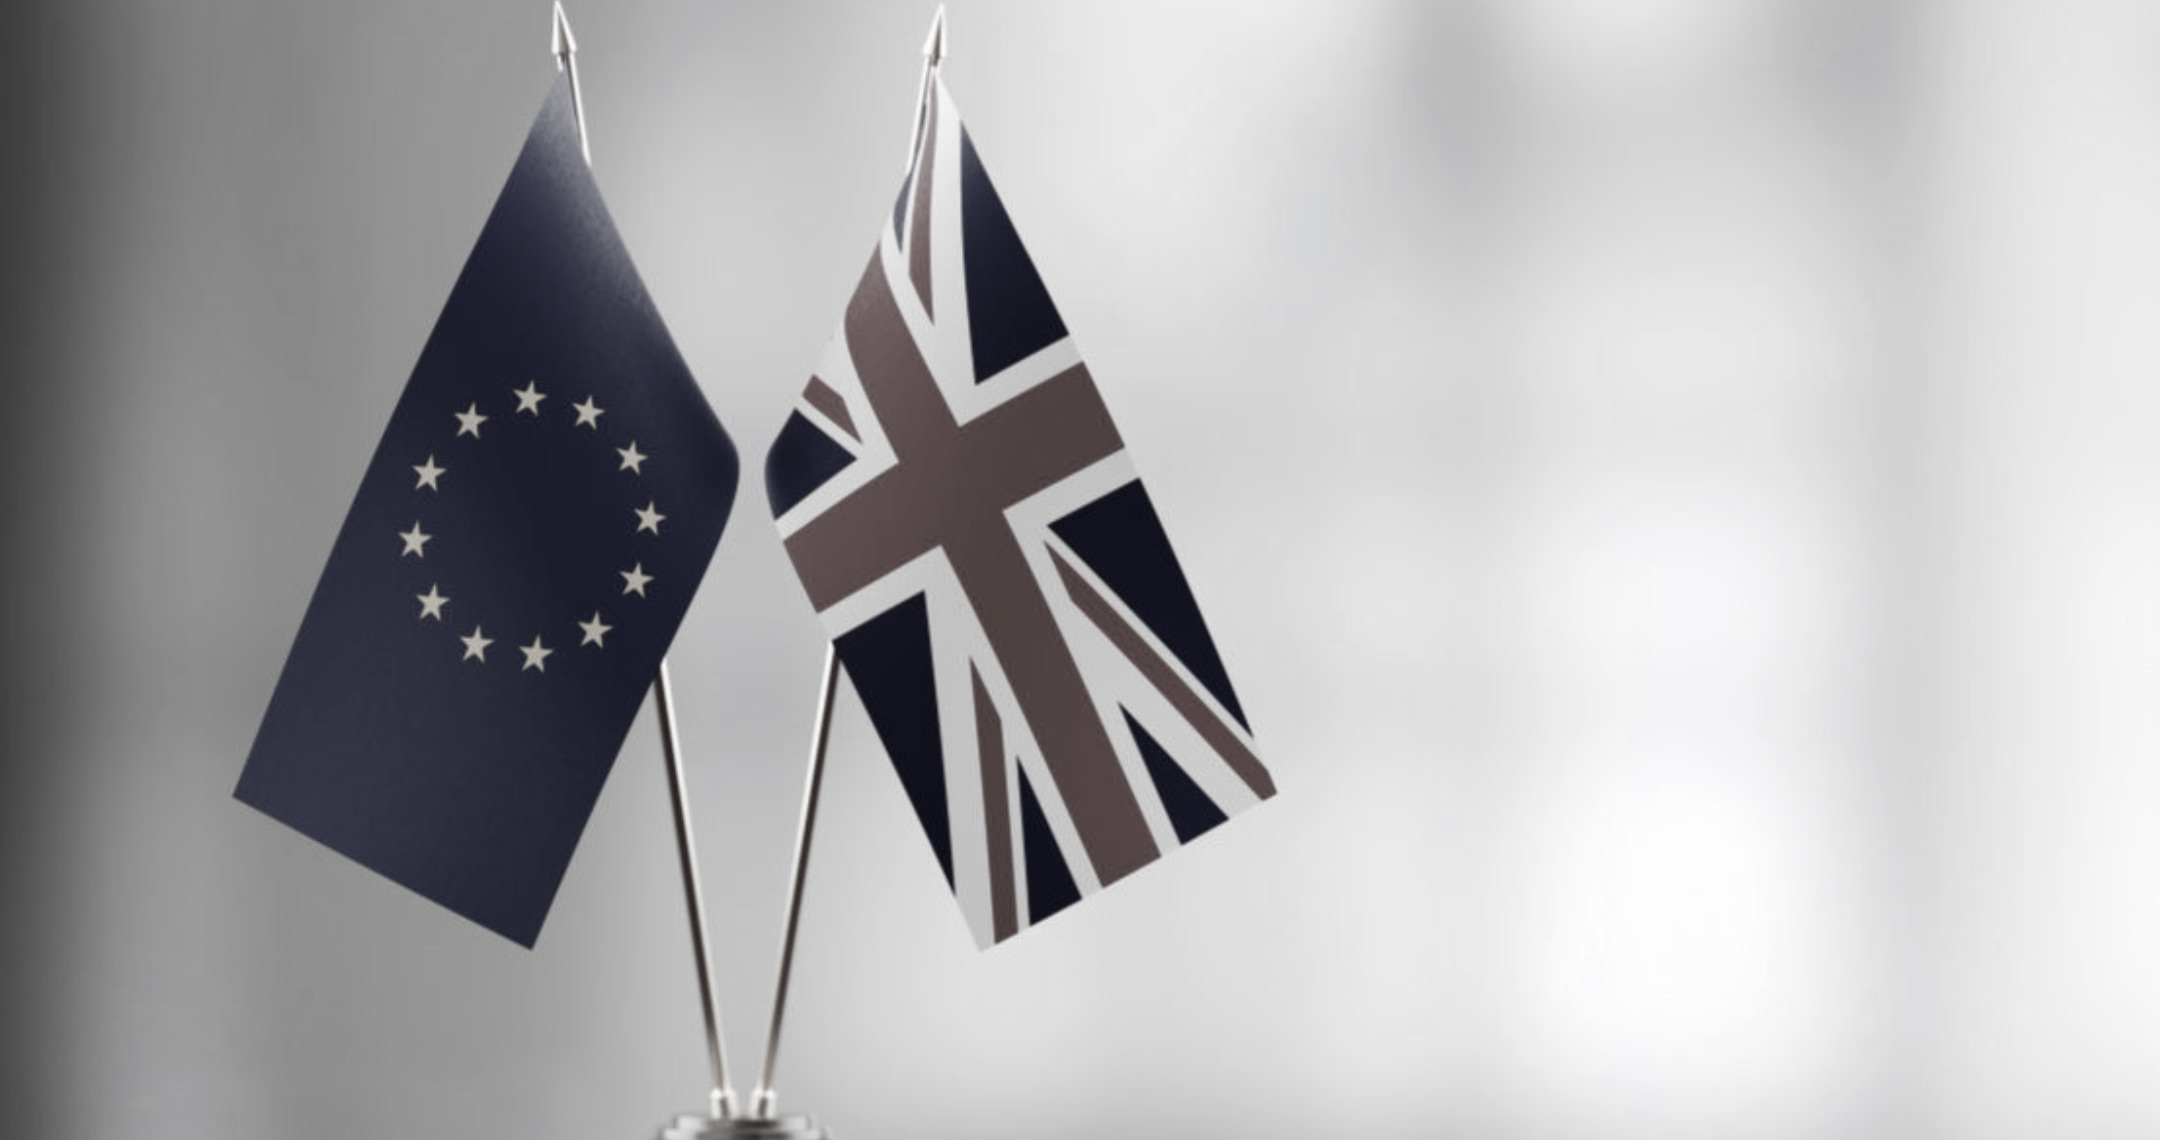 Reino Unido, UE, Comercio exterior, Exito del Brexit